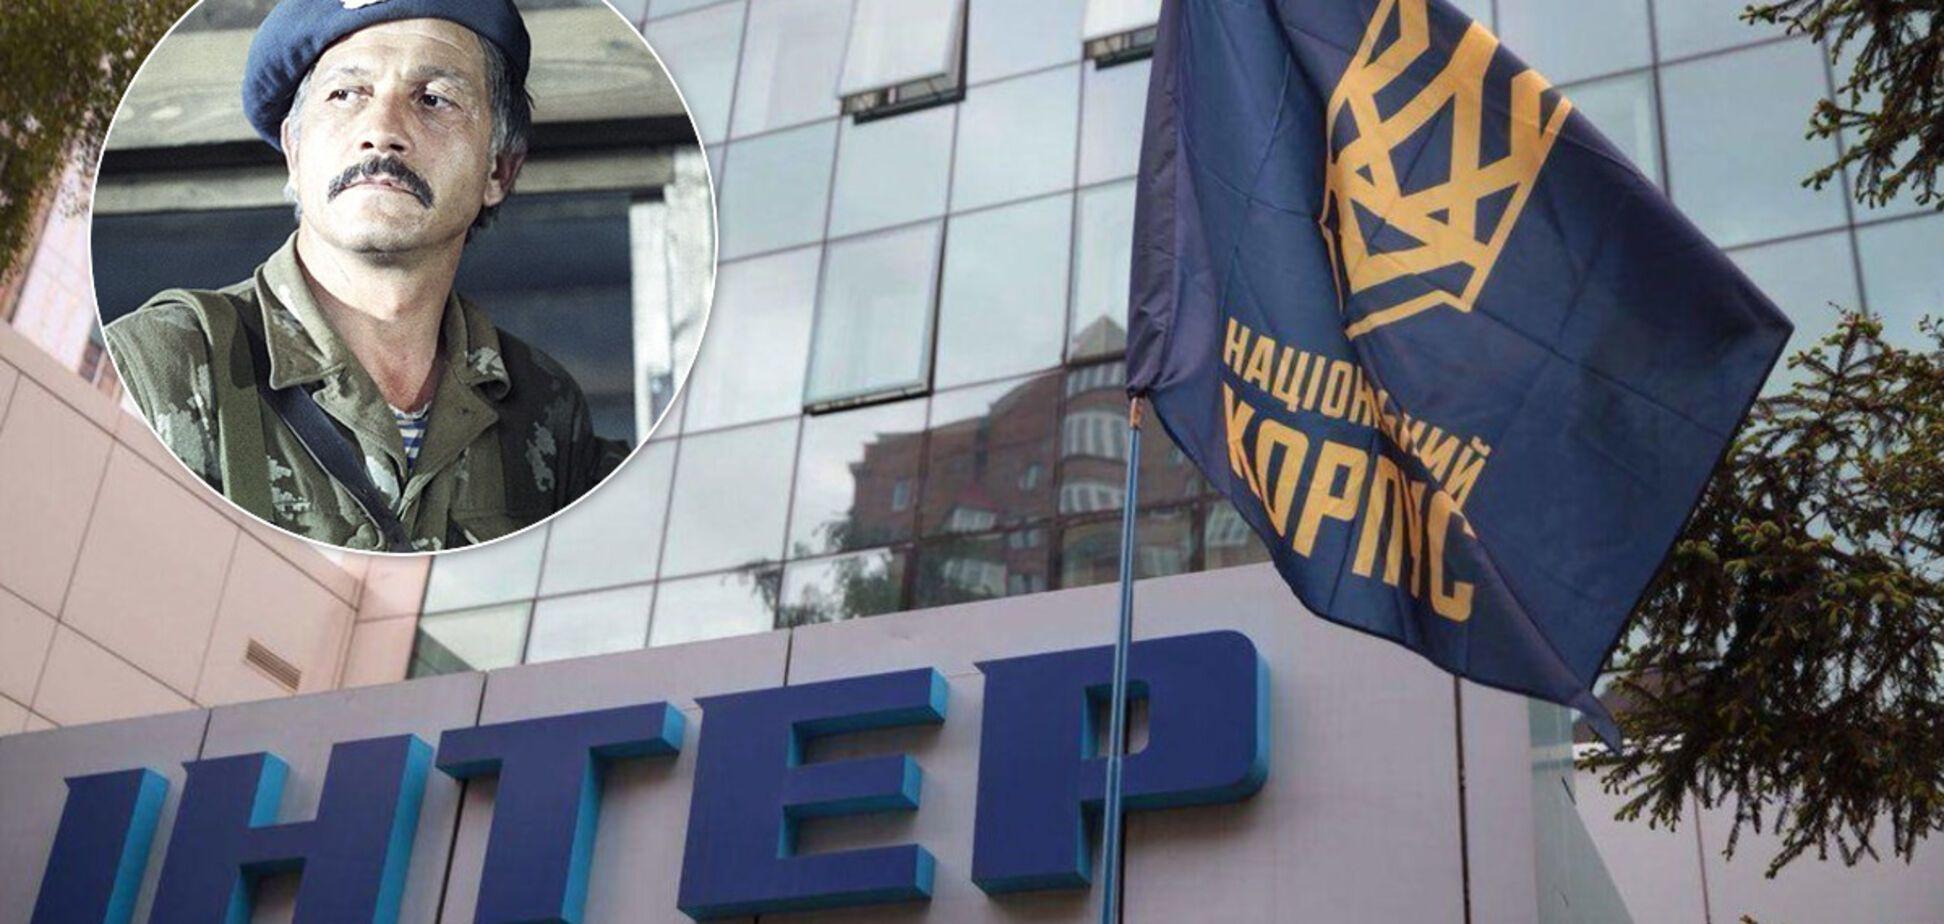 Скандальний 'Інтер' влаштує 'радянський марафон' 23 лютого: що відомо